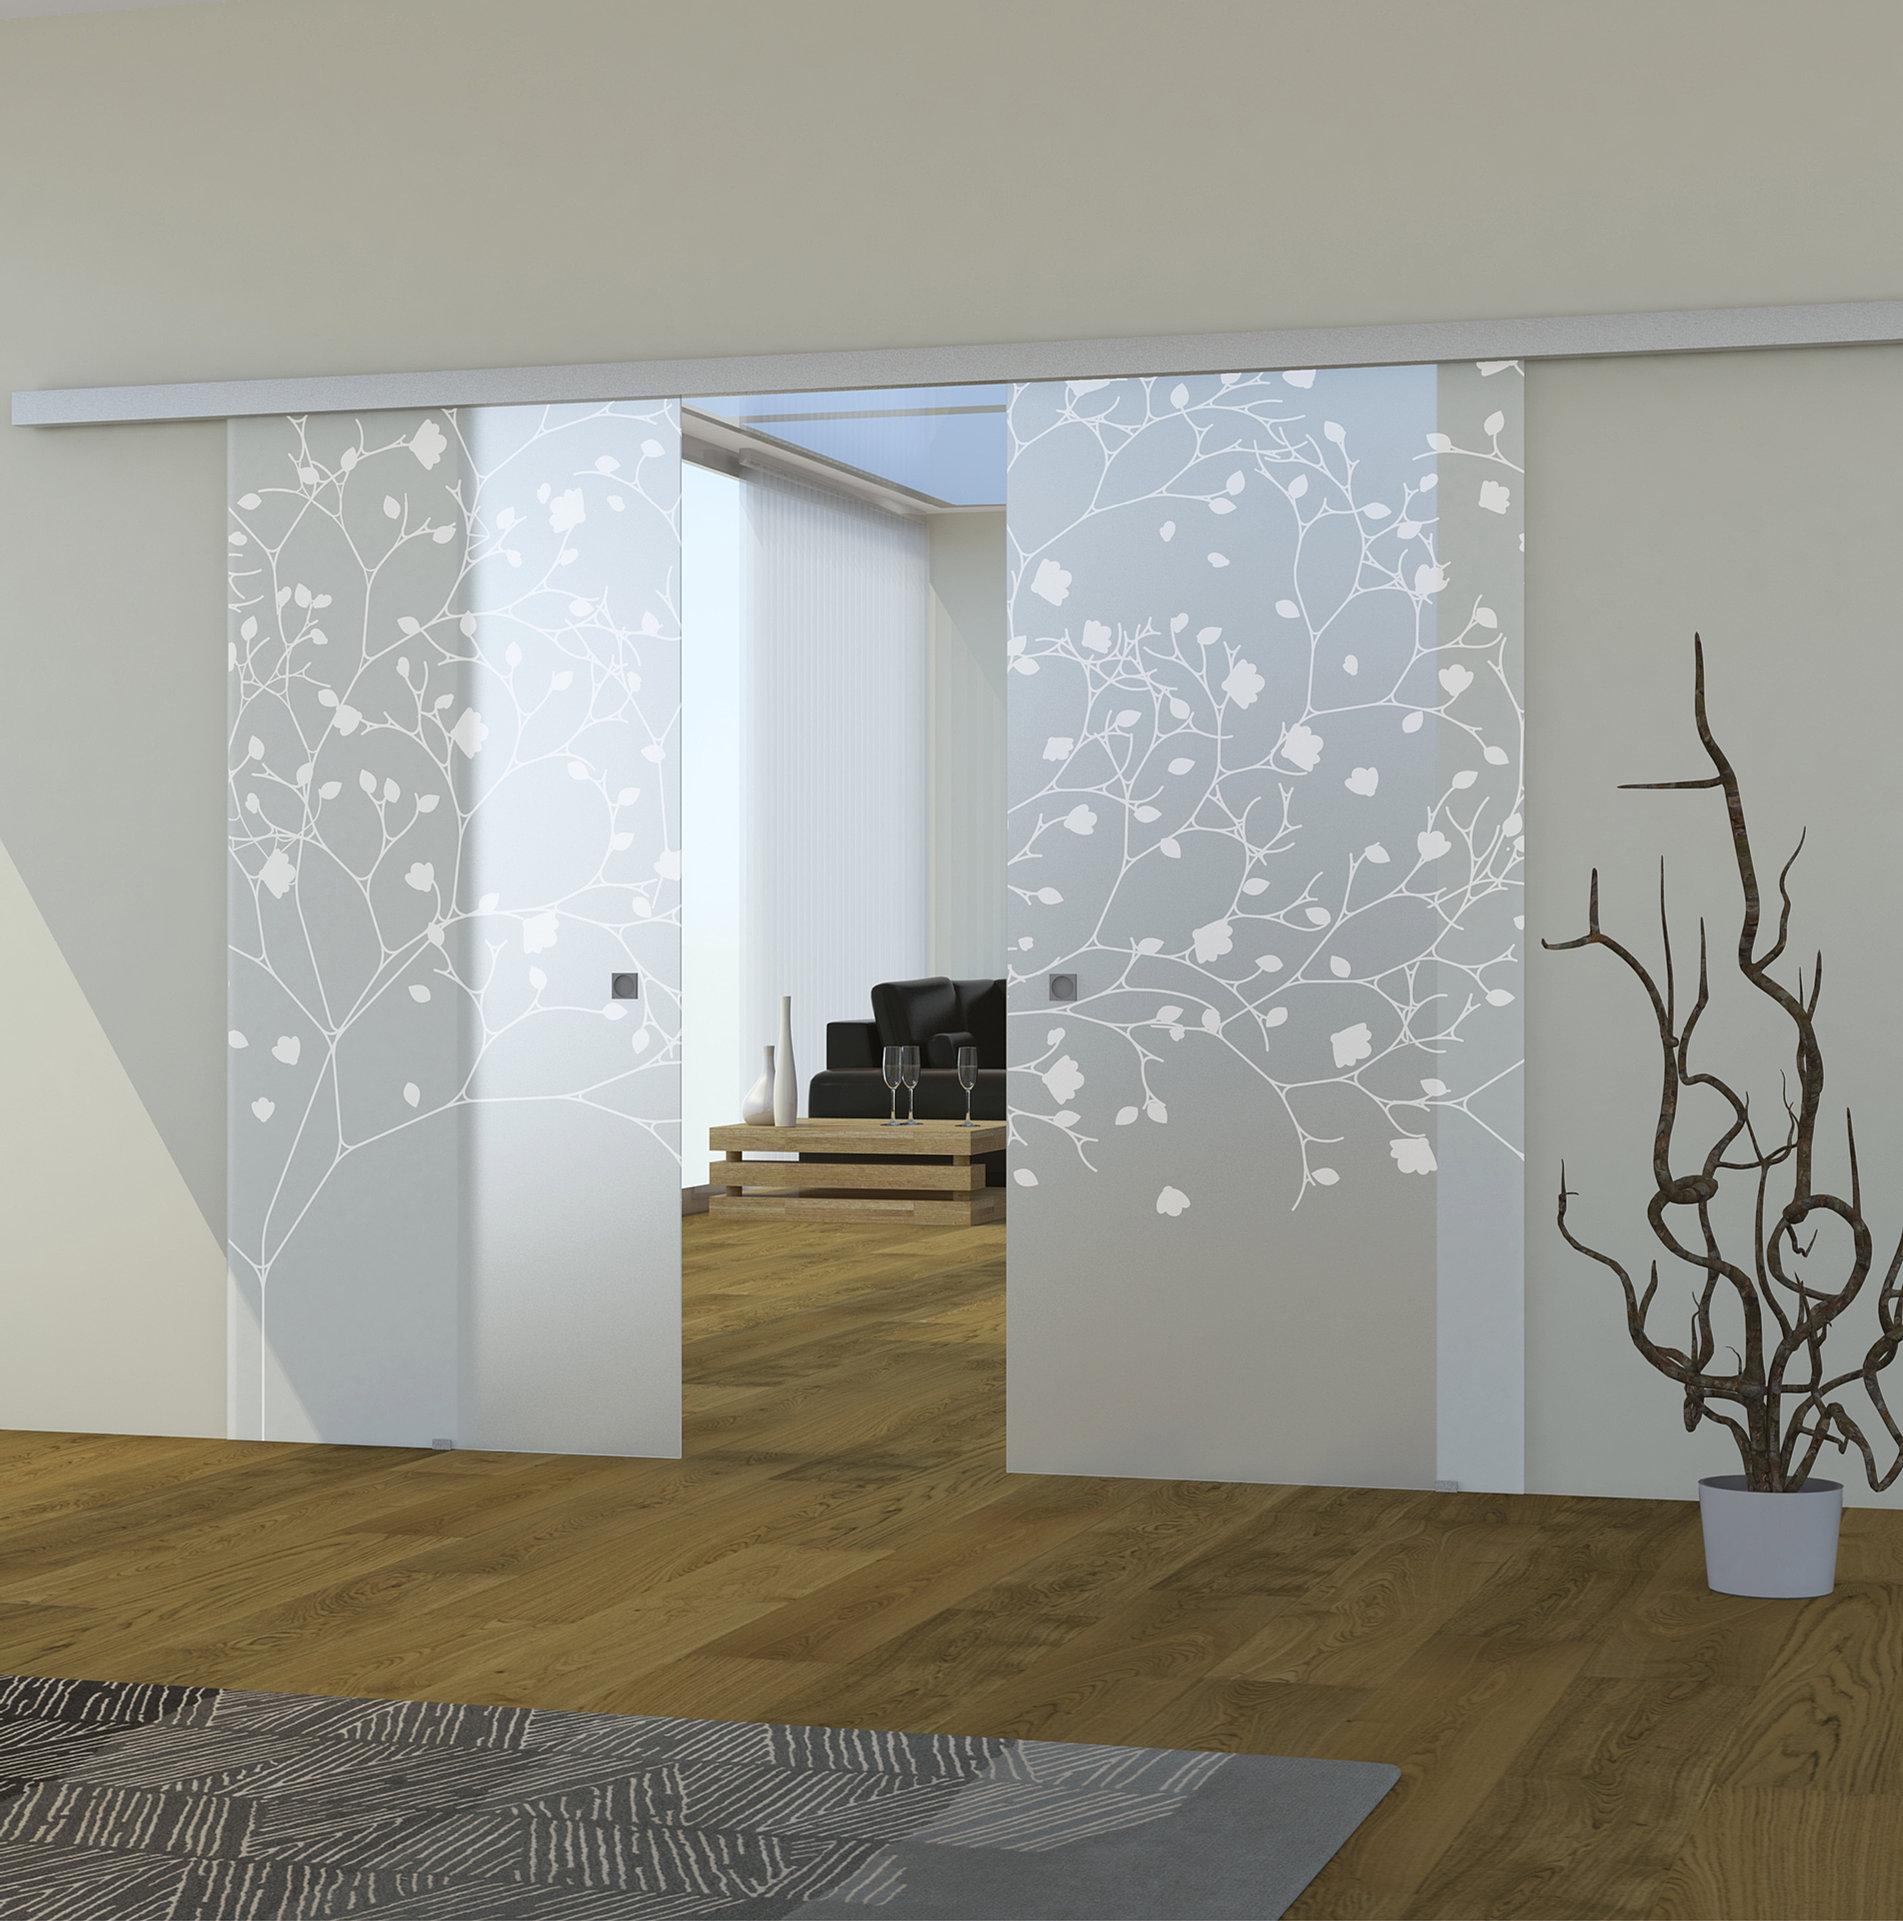 Eurofinestra porte interne in vetro - Porte interne alluminio e vetro ...